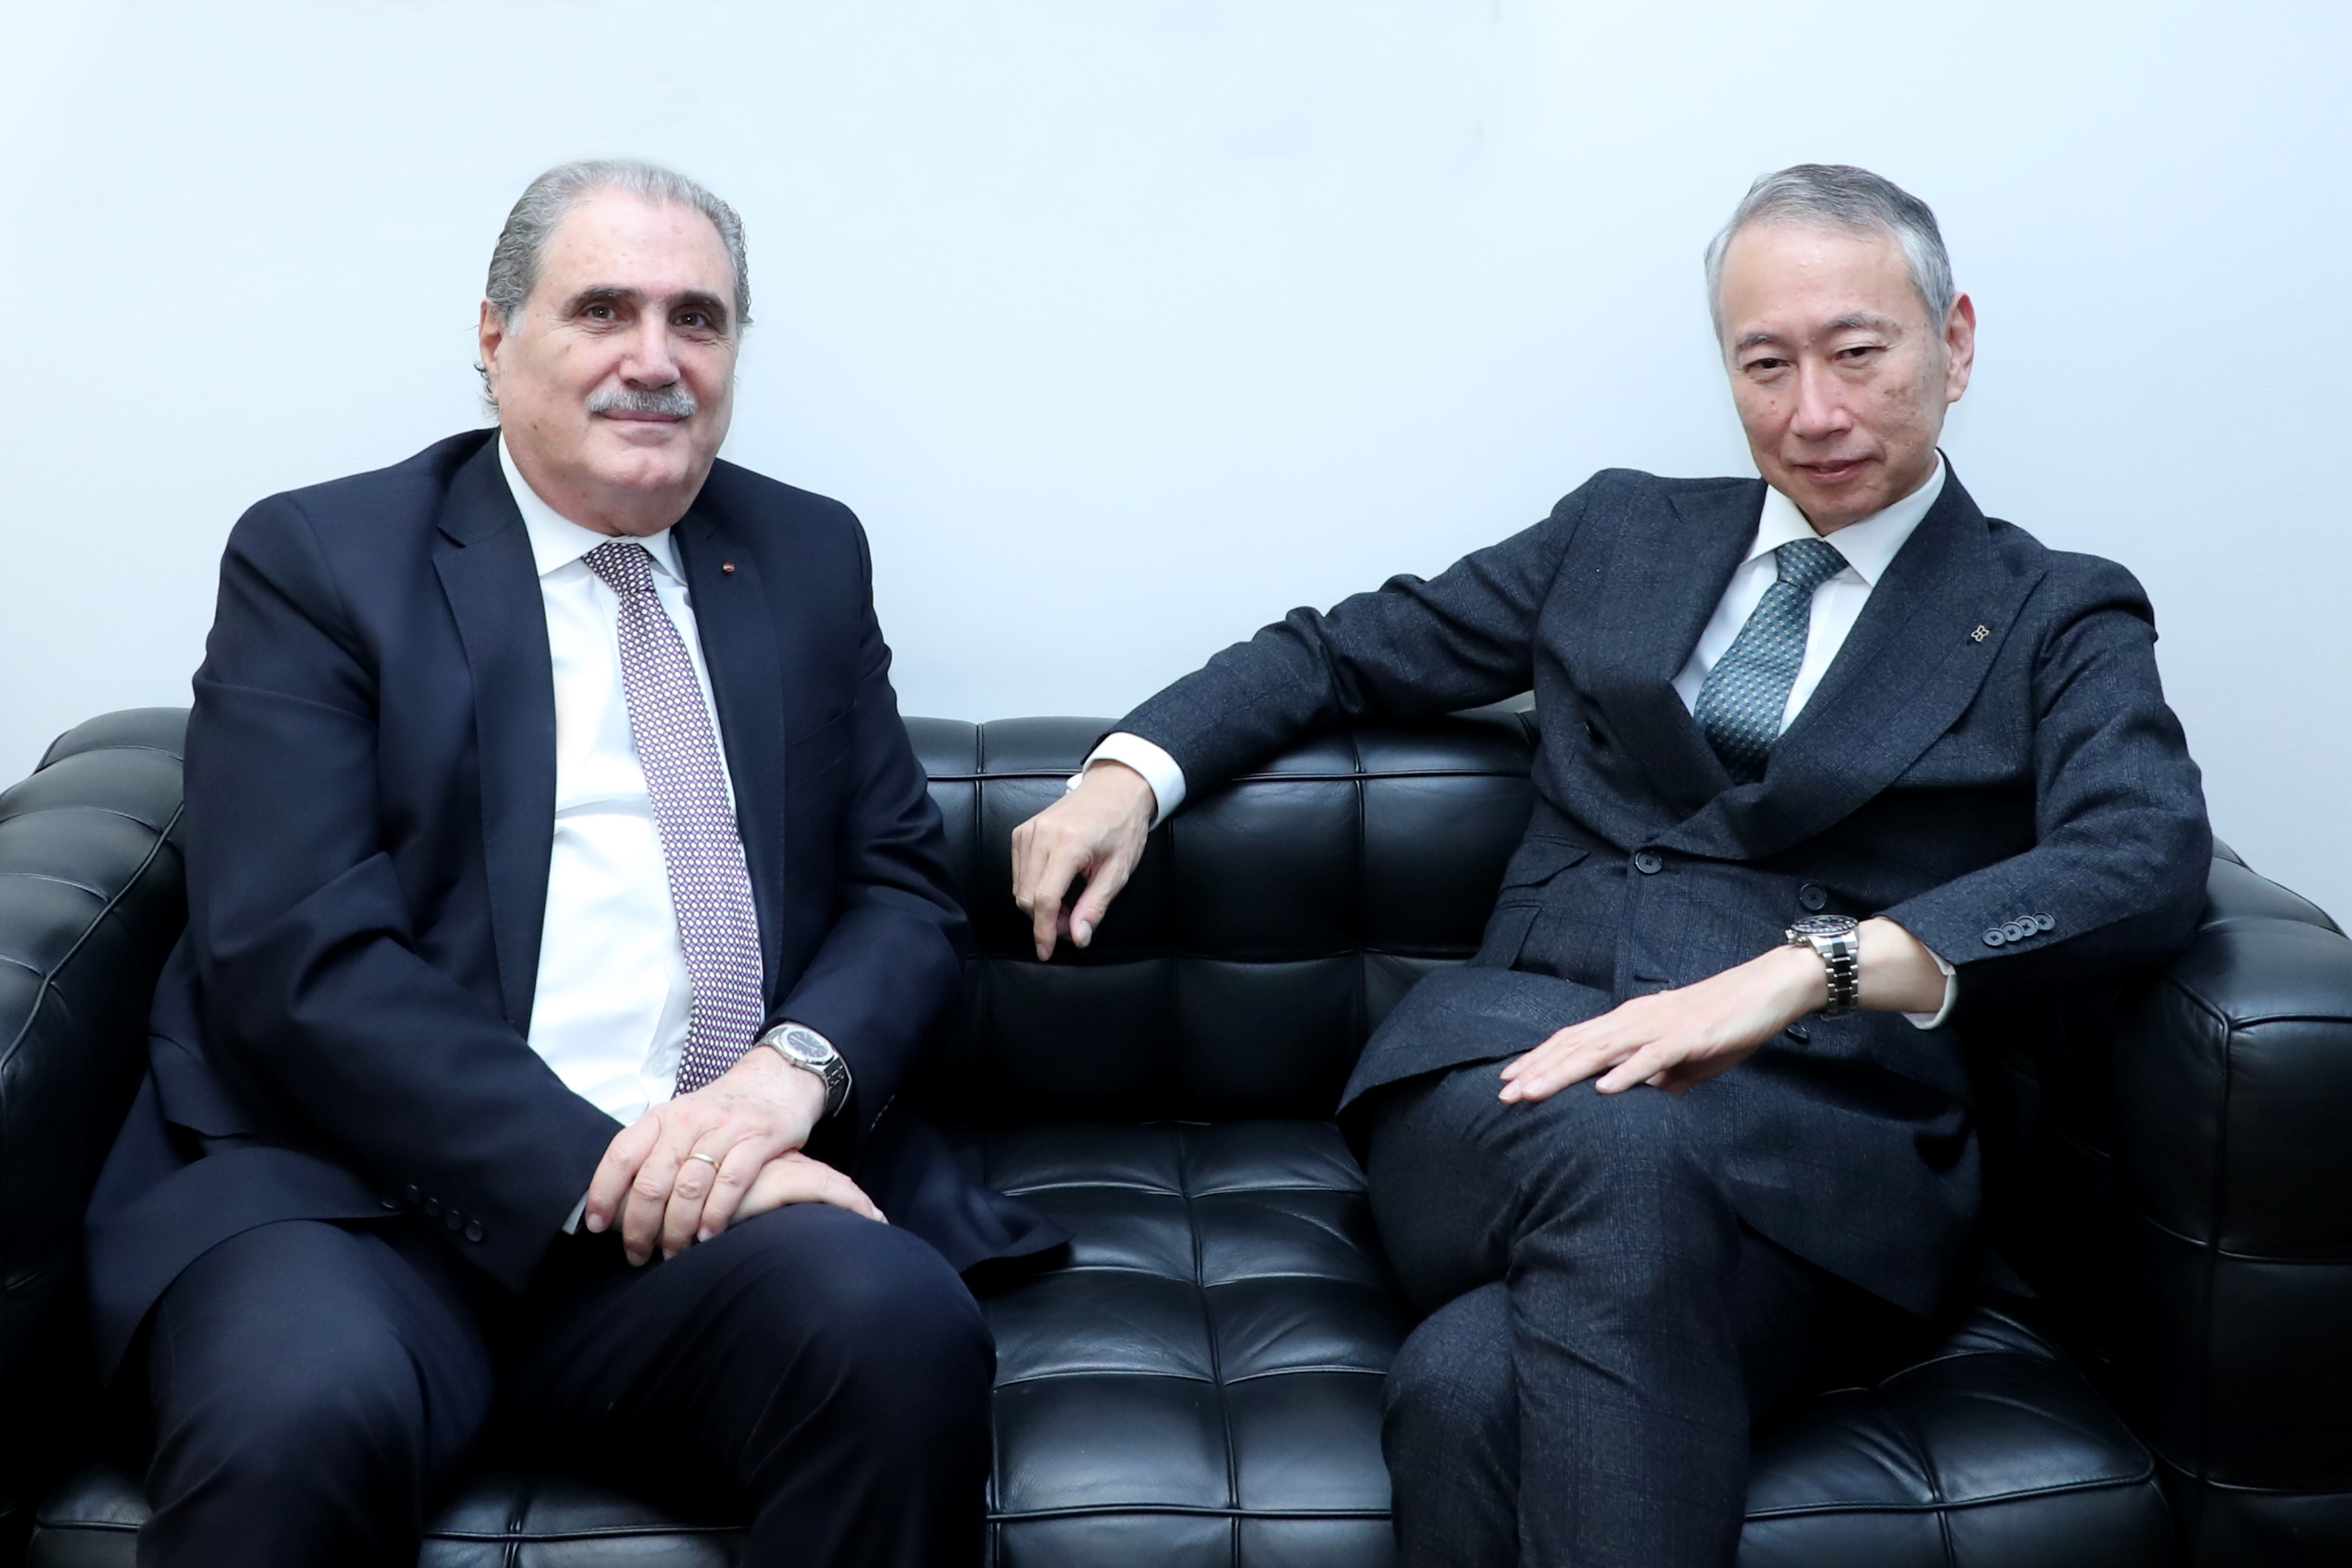 Ambassador Tokumitsu Murakami